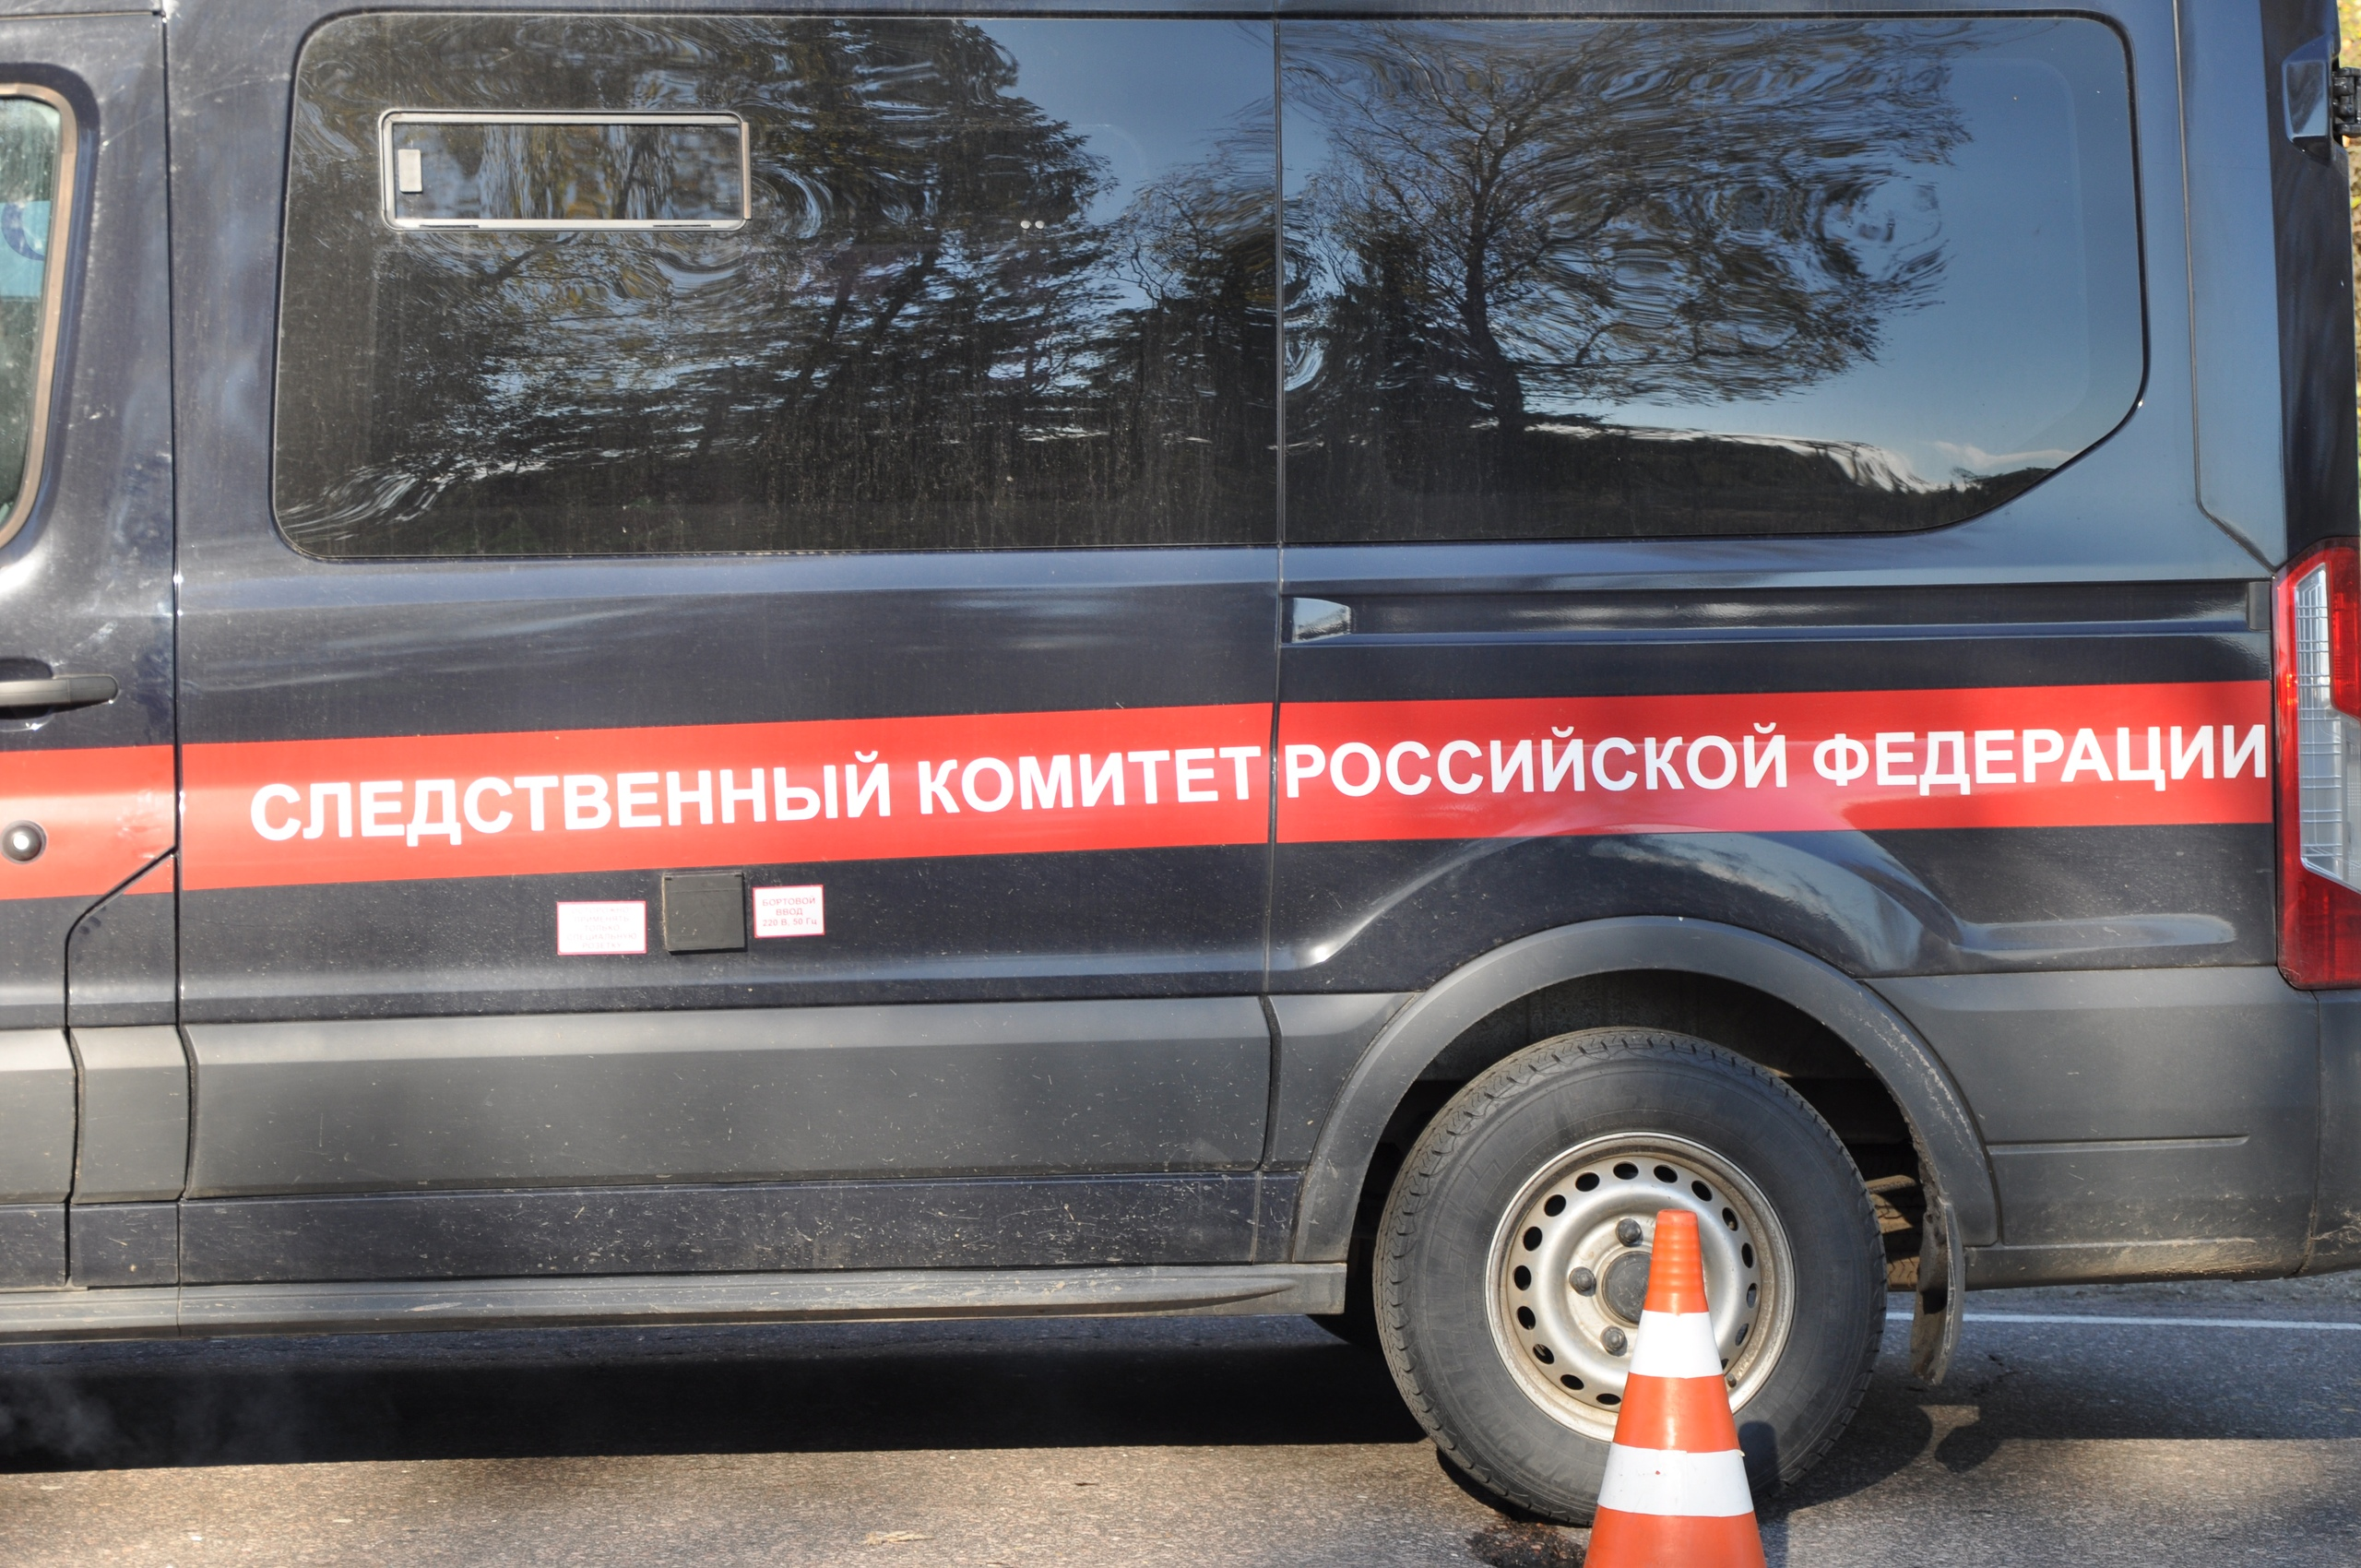 Житель Тверской области после пьяной драки оставил приятеля умирать в подъезде - новости Афанасий